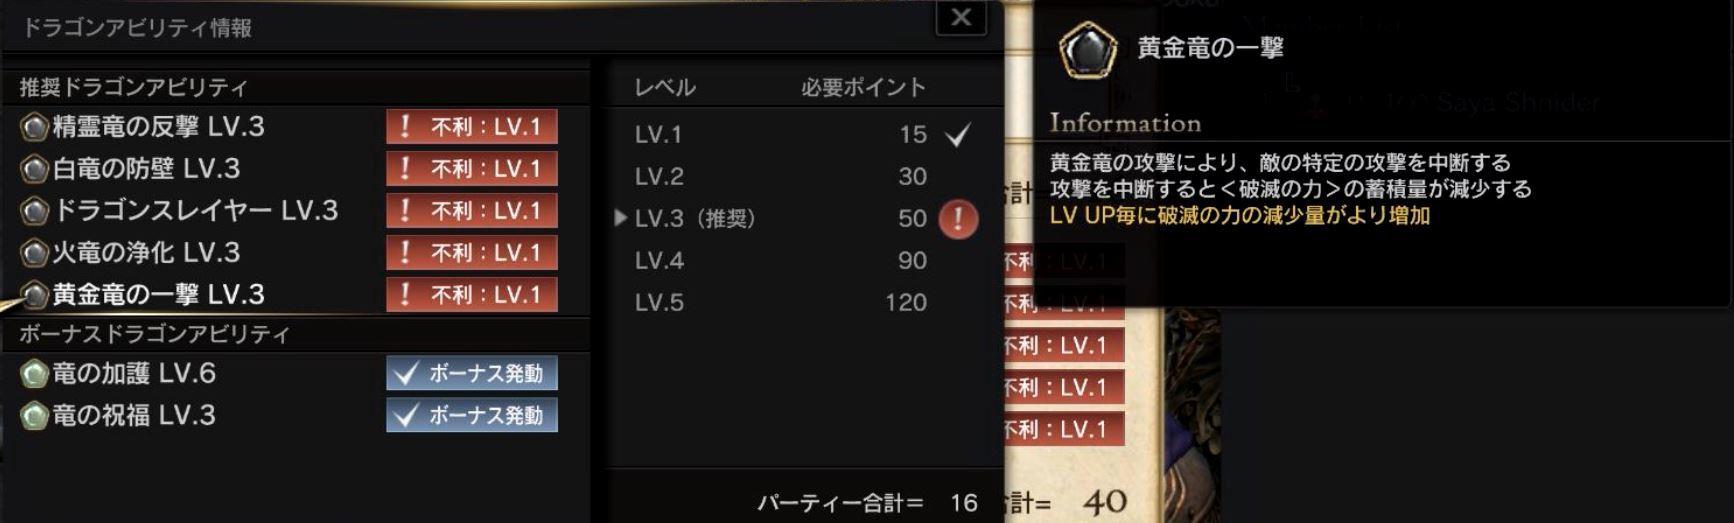 DA_5.jpg